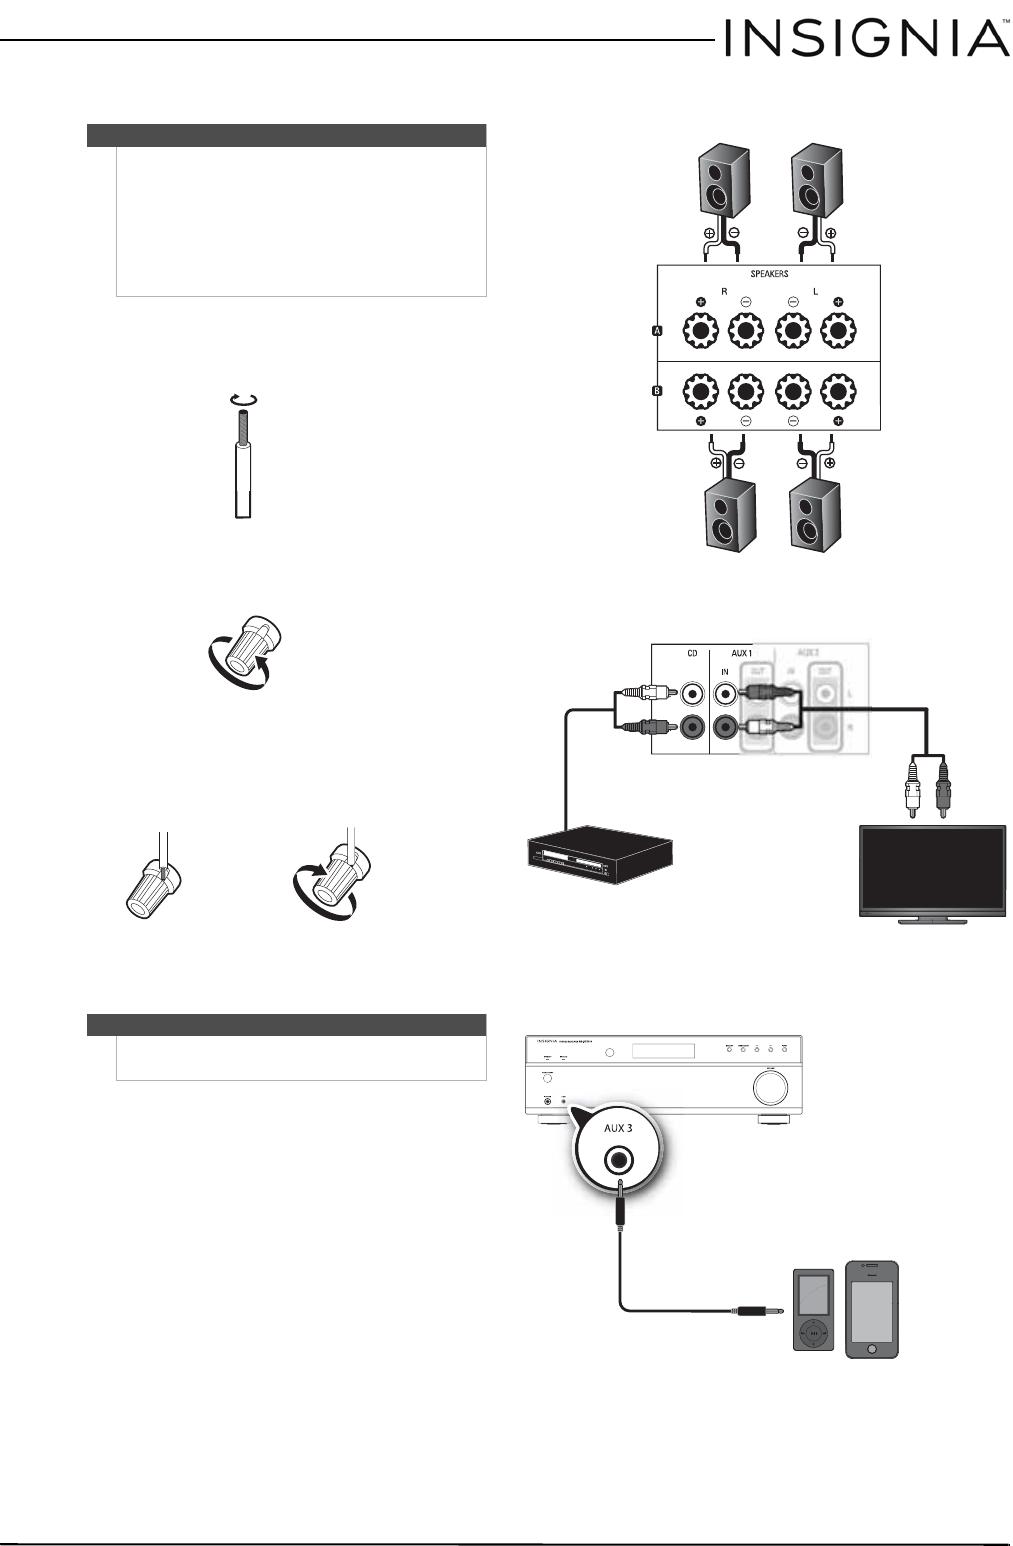 Insignia NS STR514 STR514_14 0118_MAN_V1_ENG User Manual